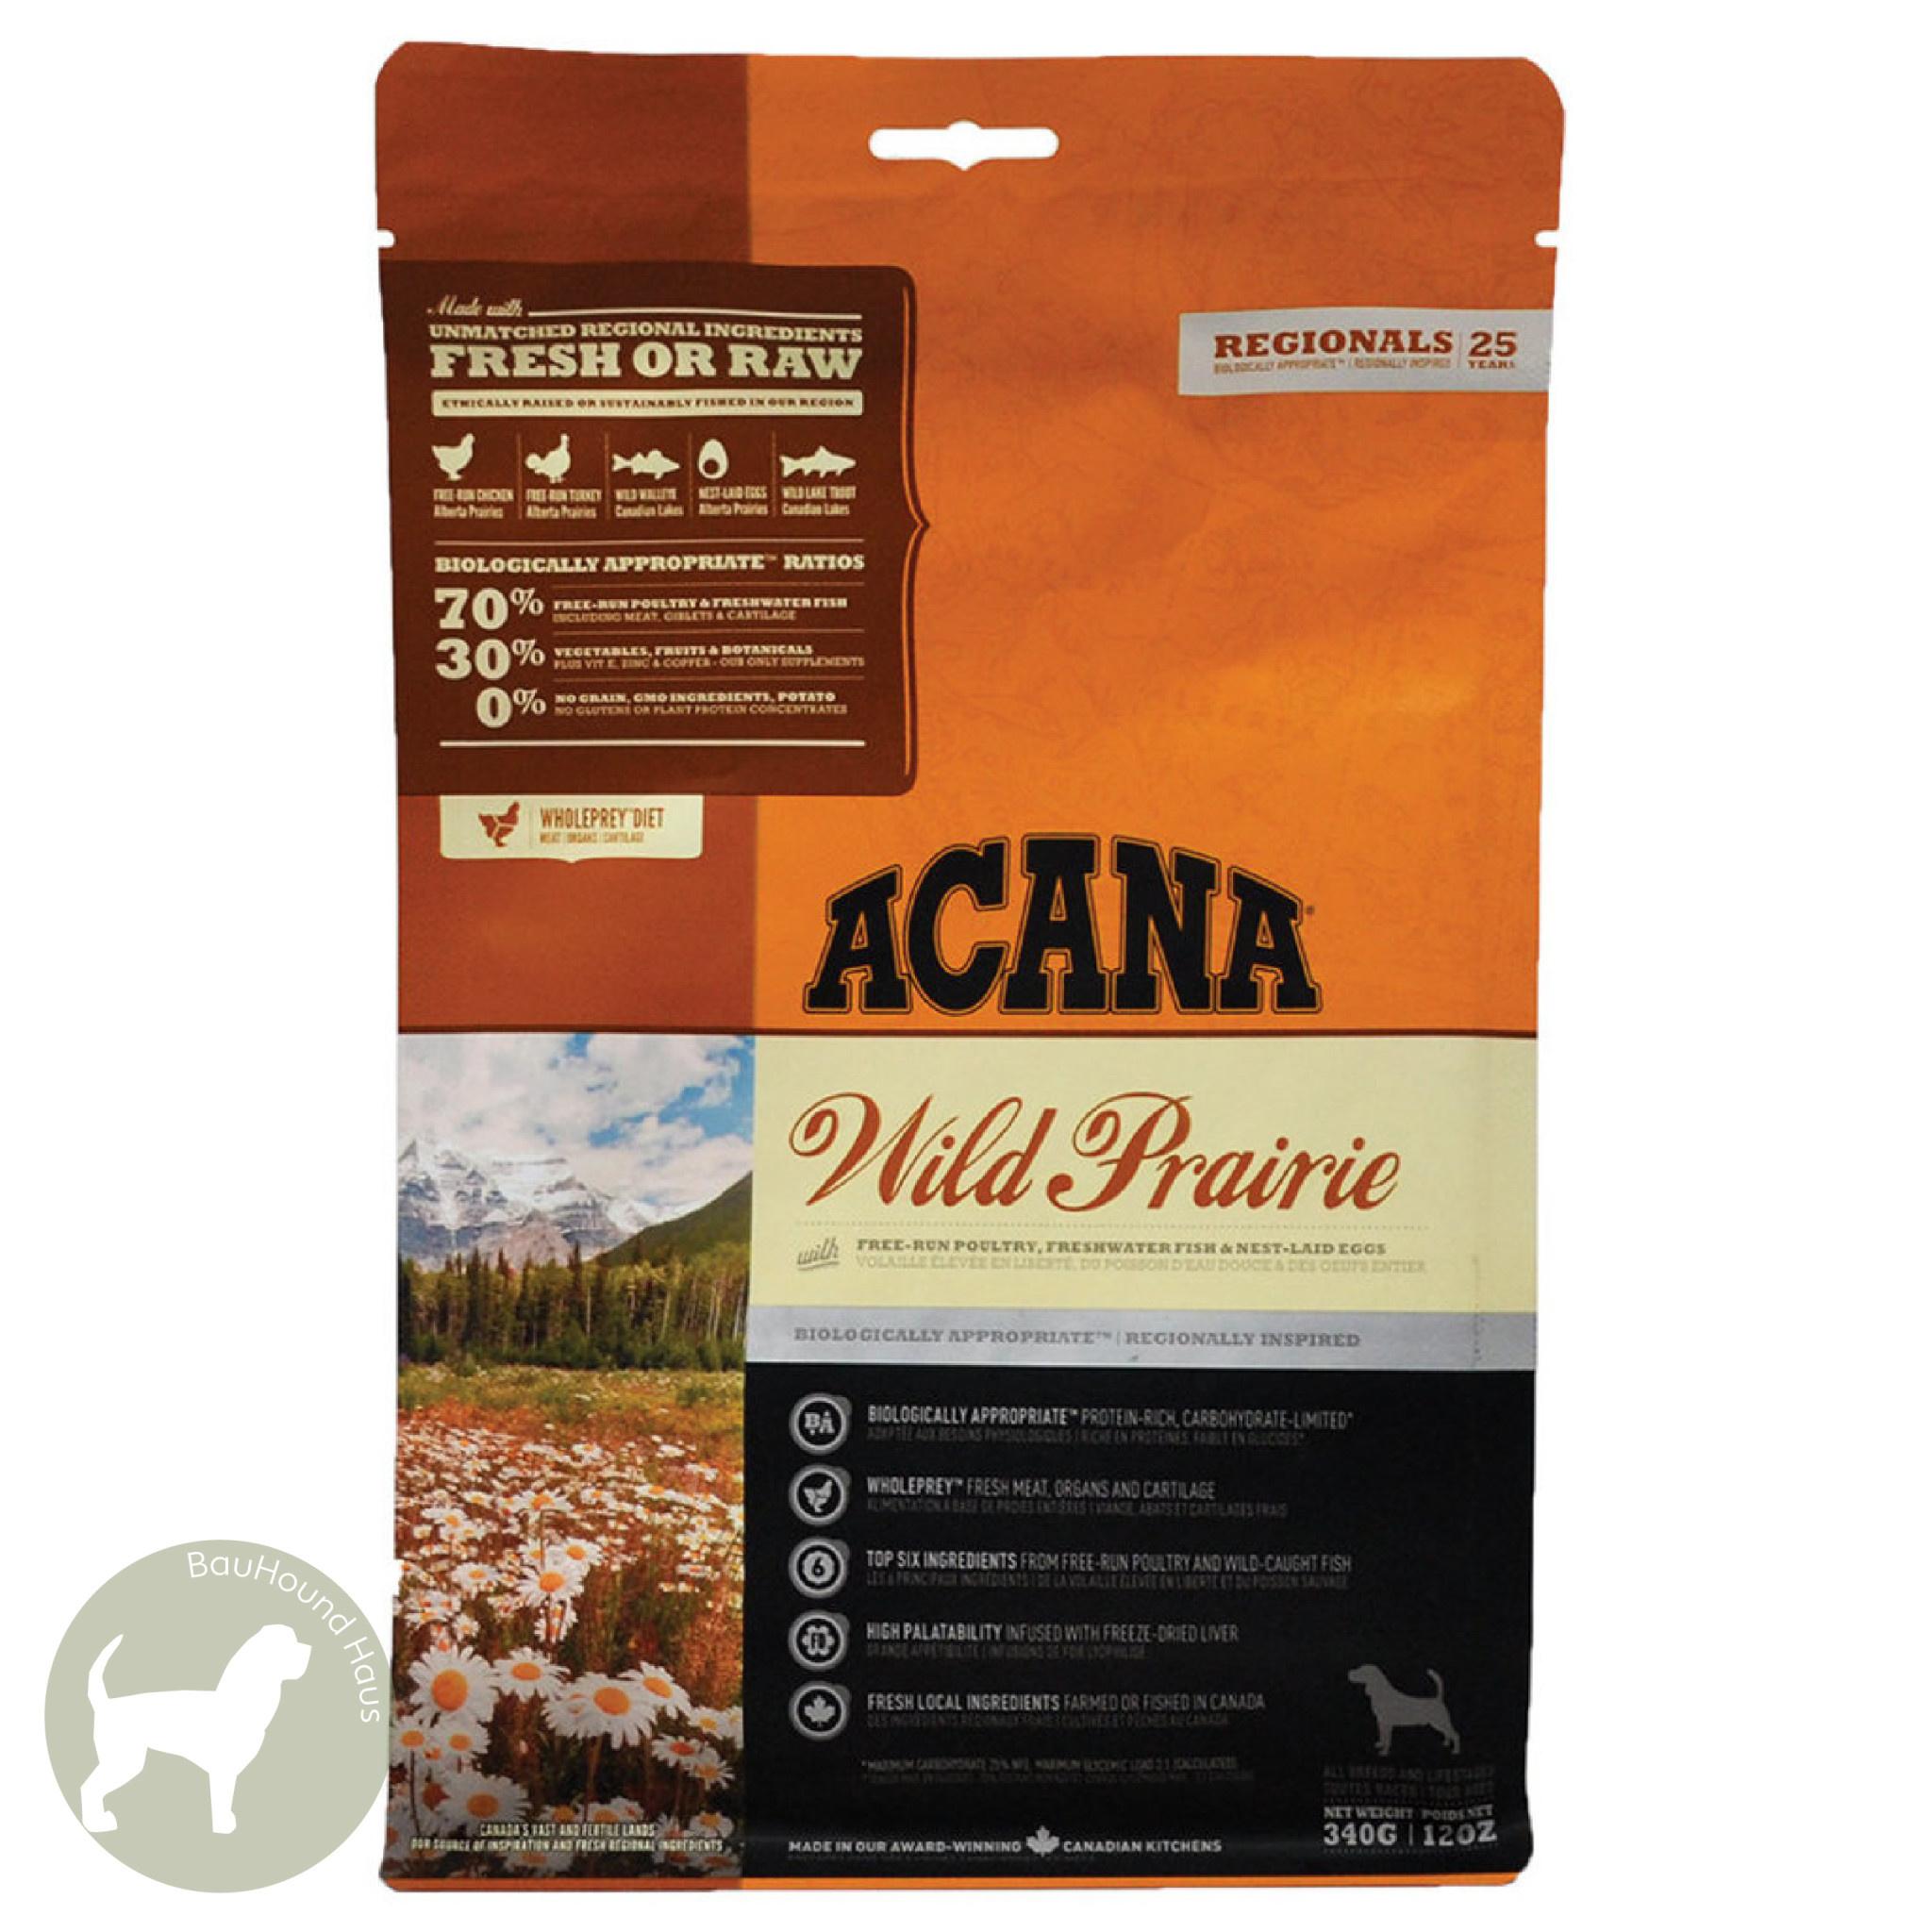 Acana Acana REGIONALS Wild Prairie Kibble, 2kg